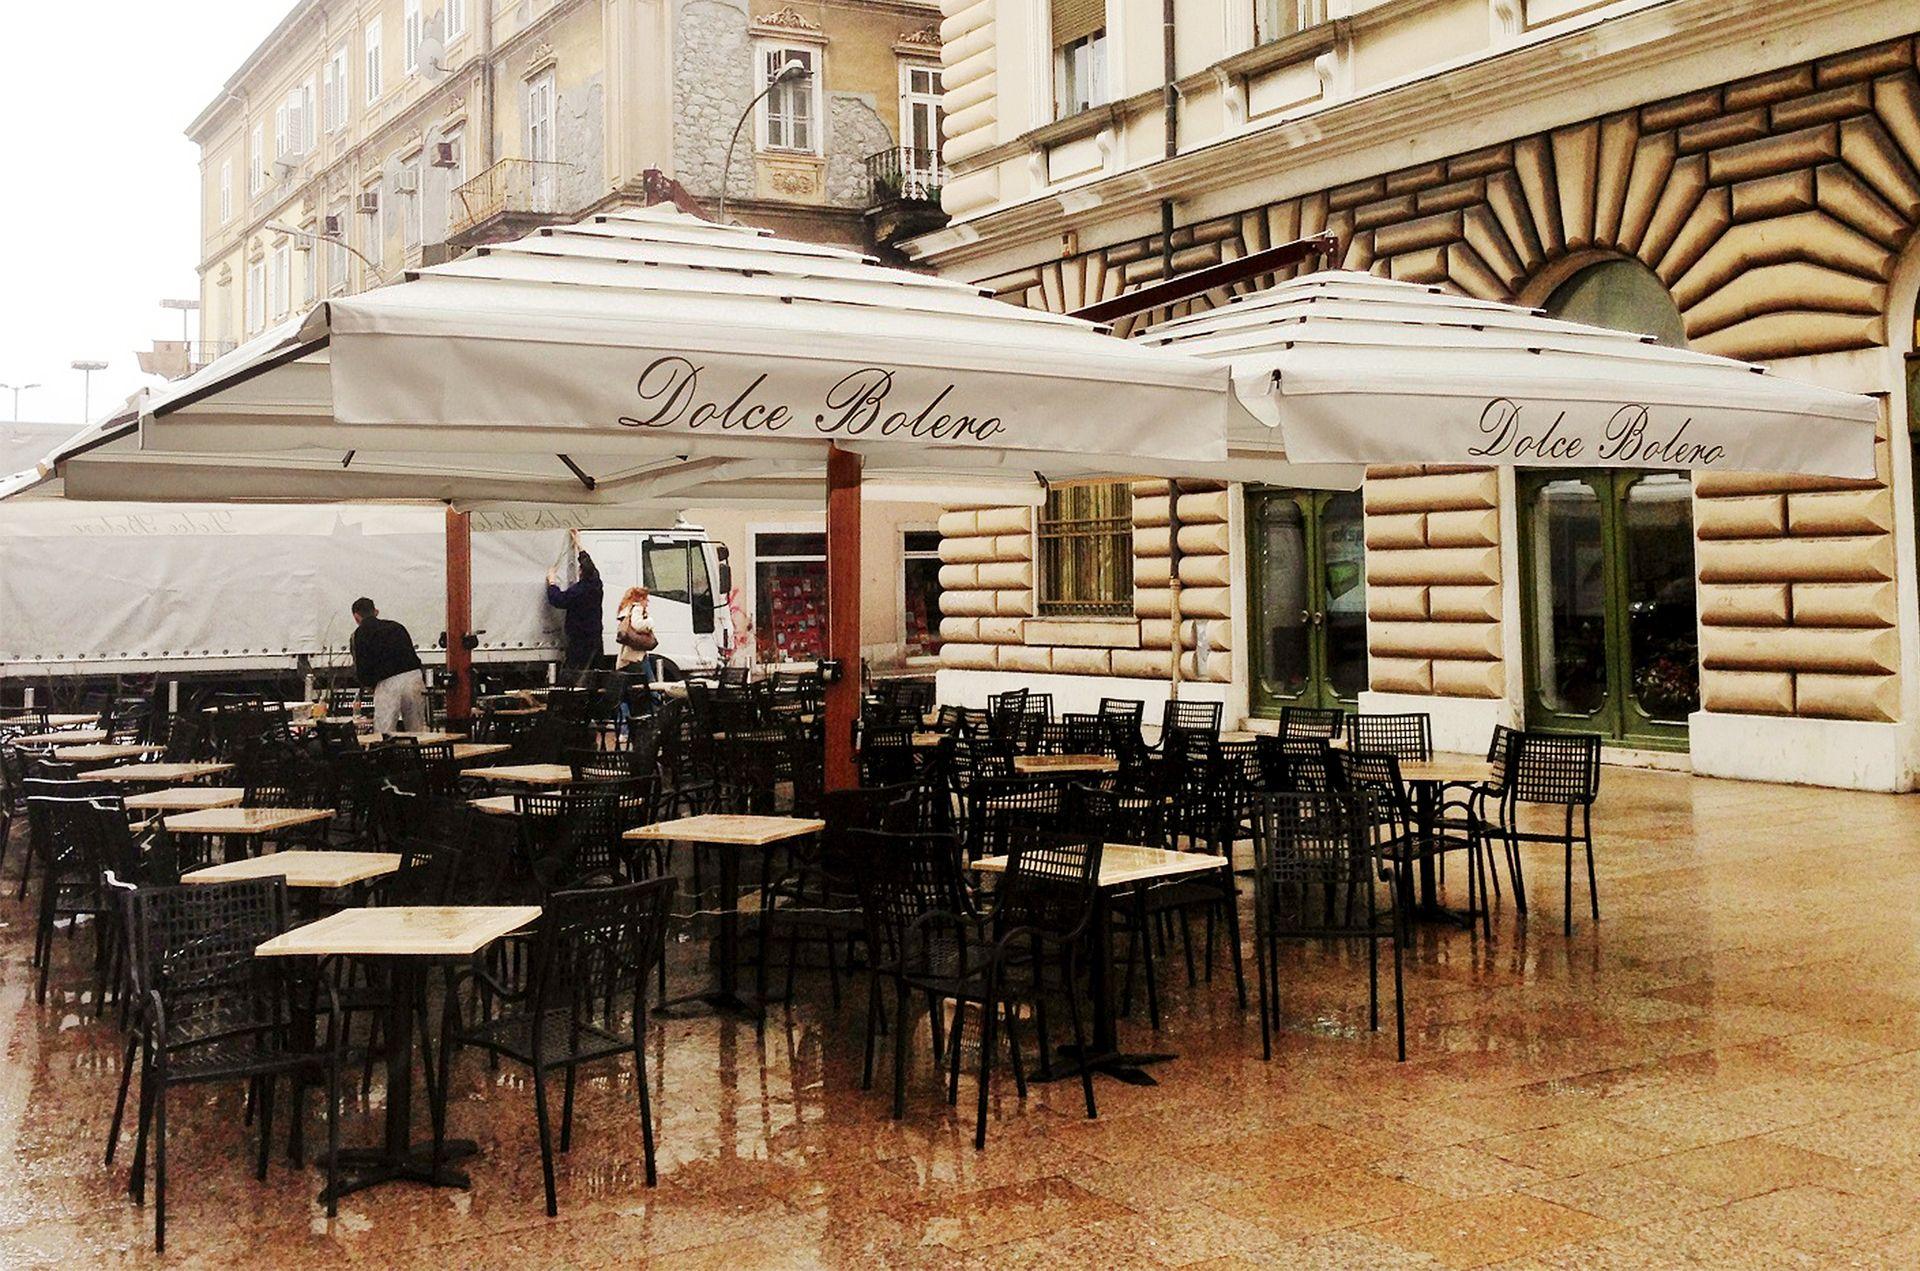 collage-four-canopies-patio-umbrella-17